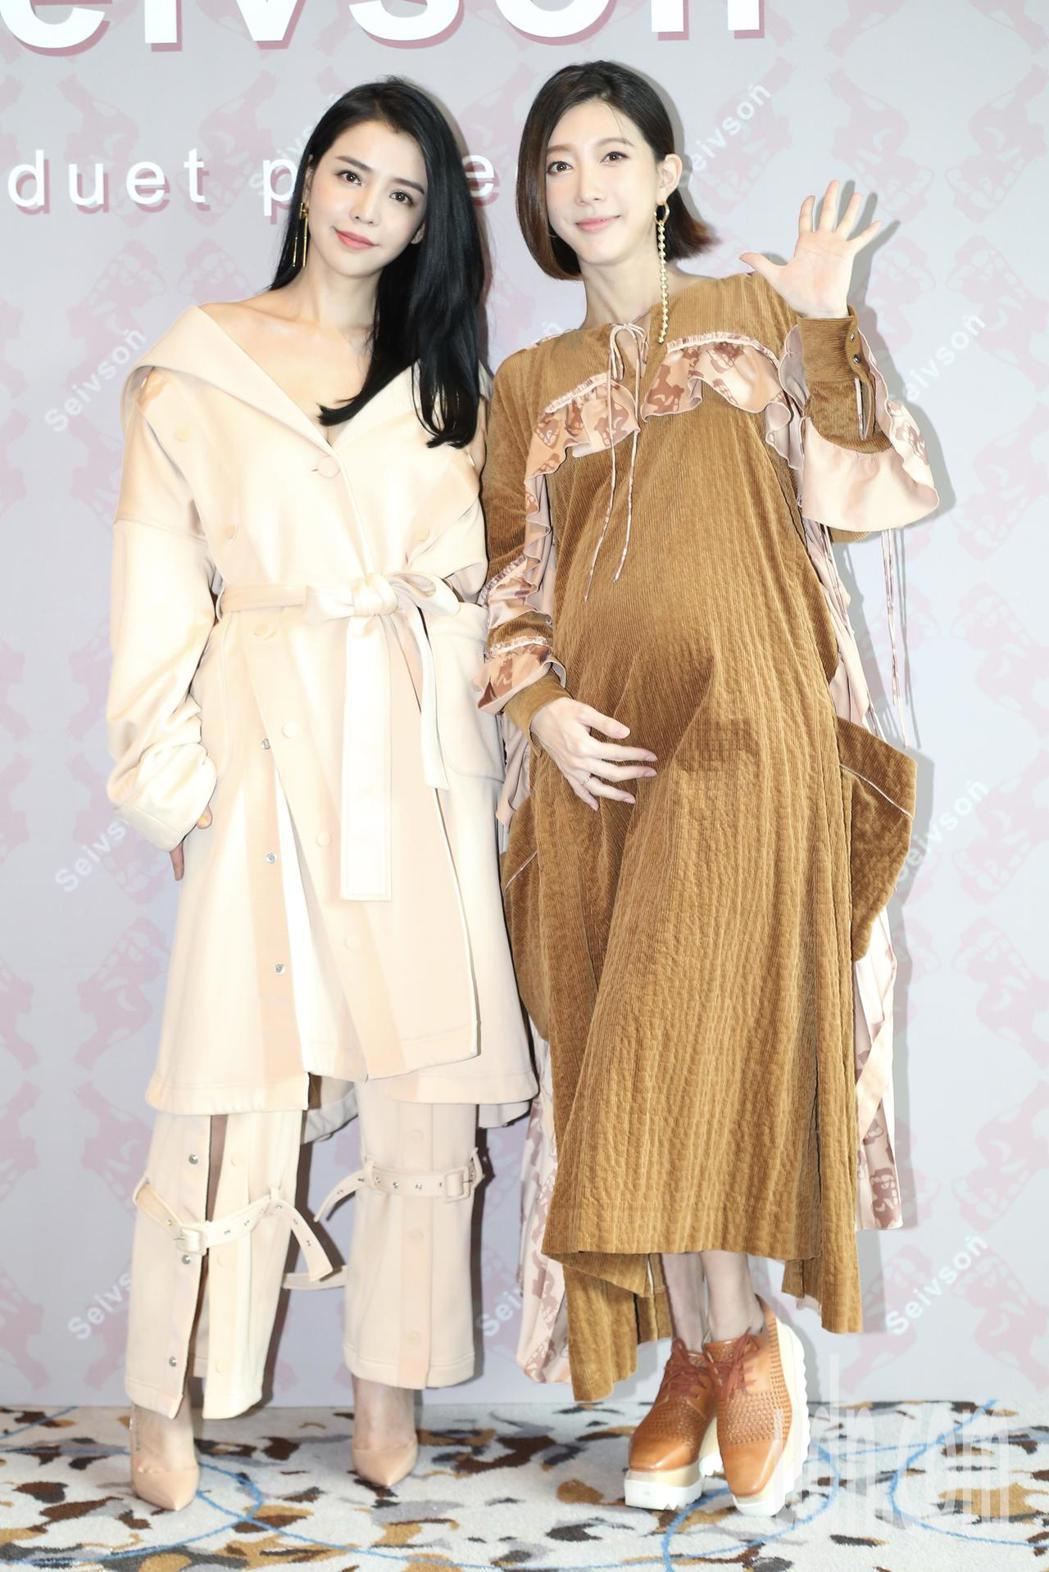 李毓芬(左)為好友宋米秦(右)的服裝品牌代言,她一出場就摸著懷孕的宋米秦直說媽媽